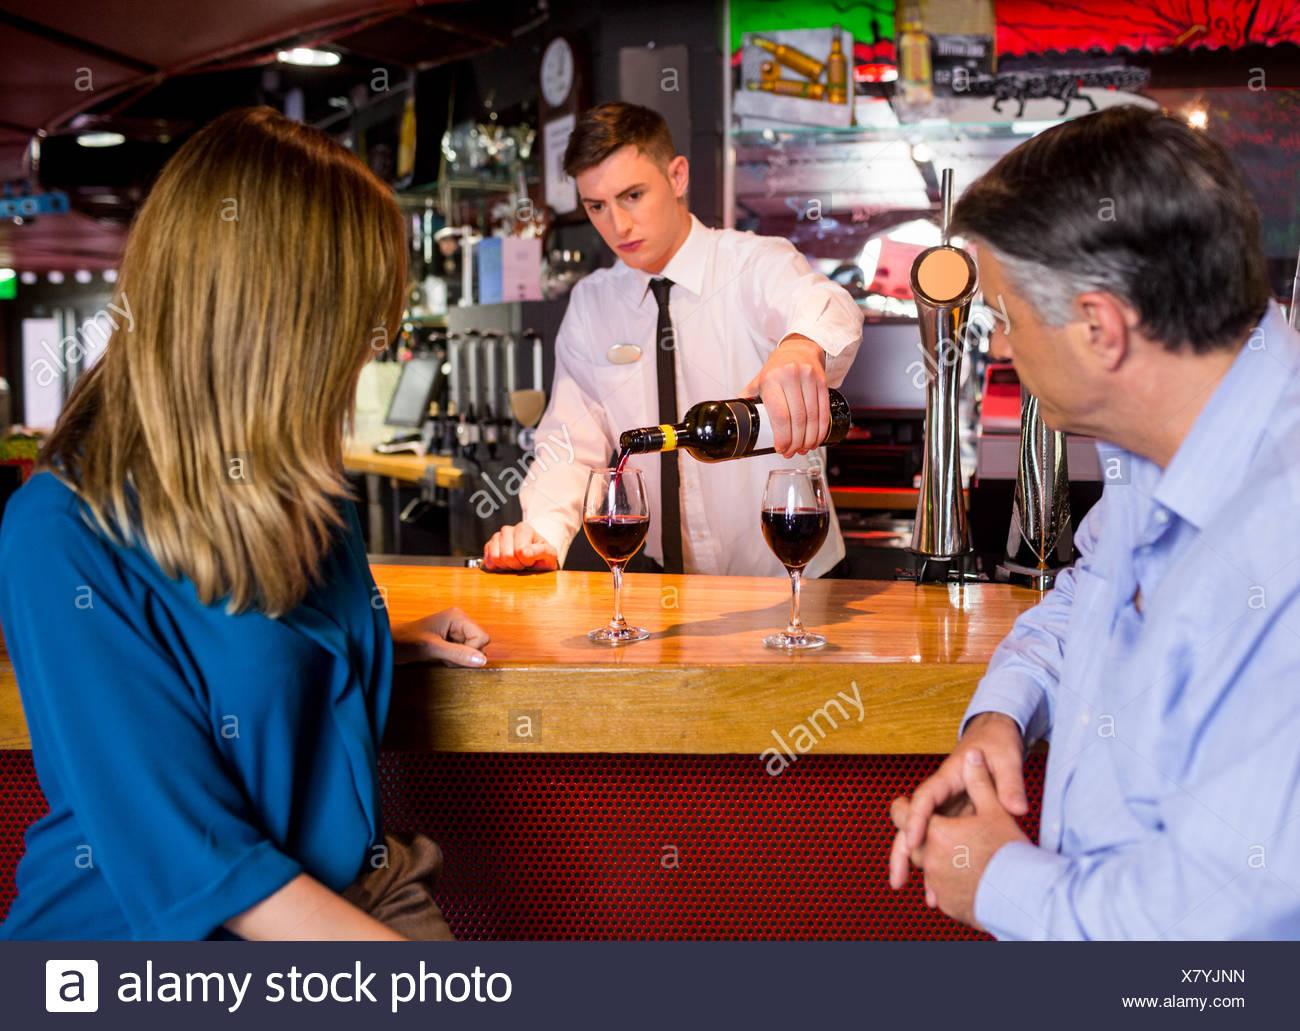 Il barista offre bicchieri di vino a coppia Immagini Stock